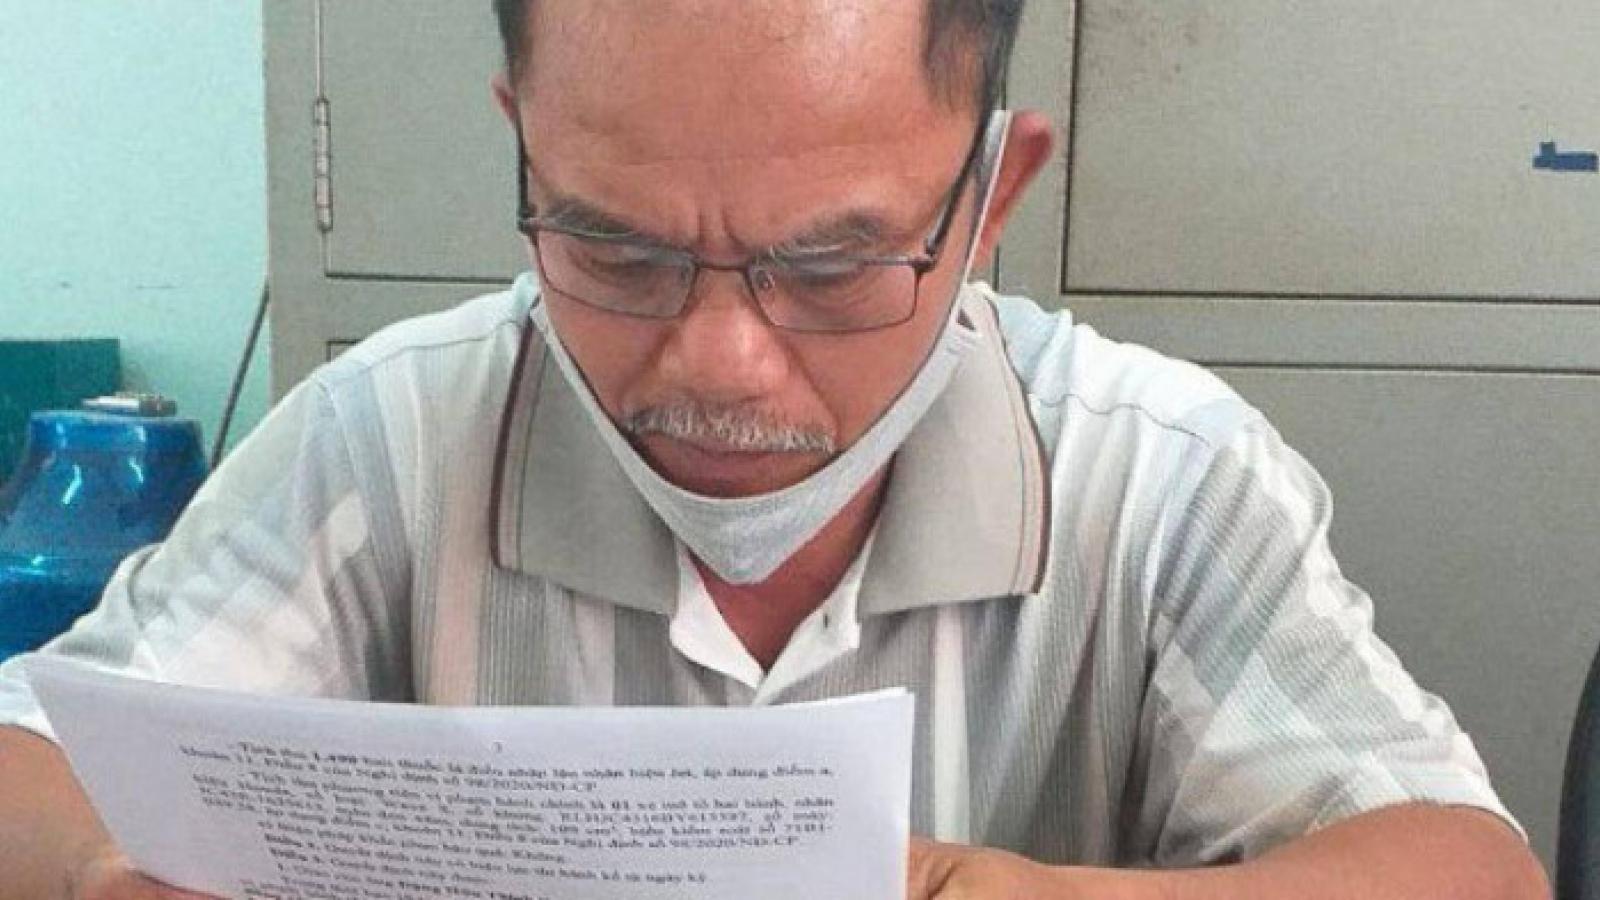 Vận chuyển thuốc lá lậu, một người đàn ông bị phạt 80 triệu đồng